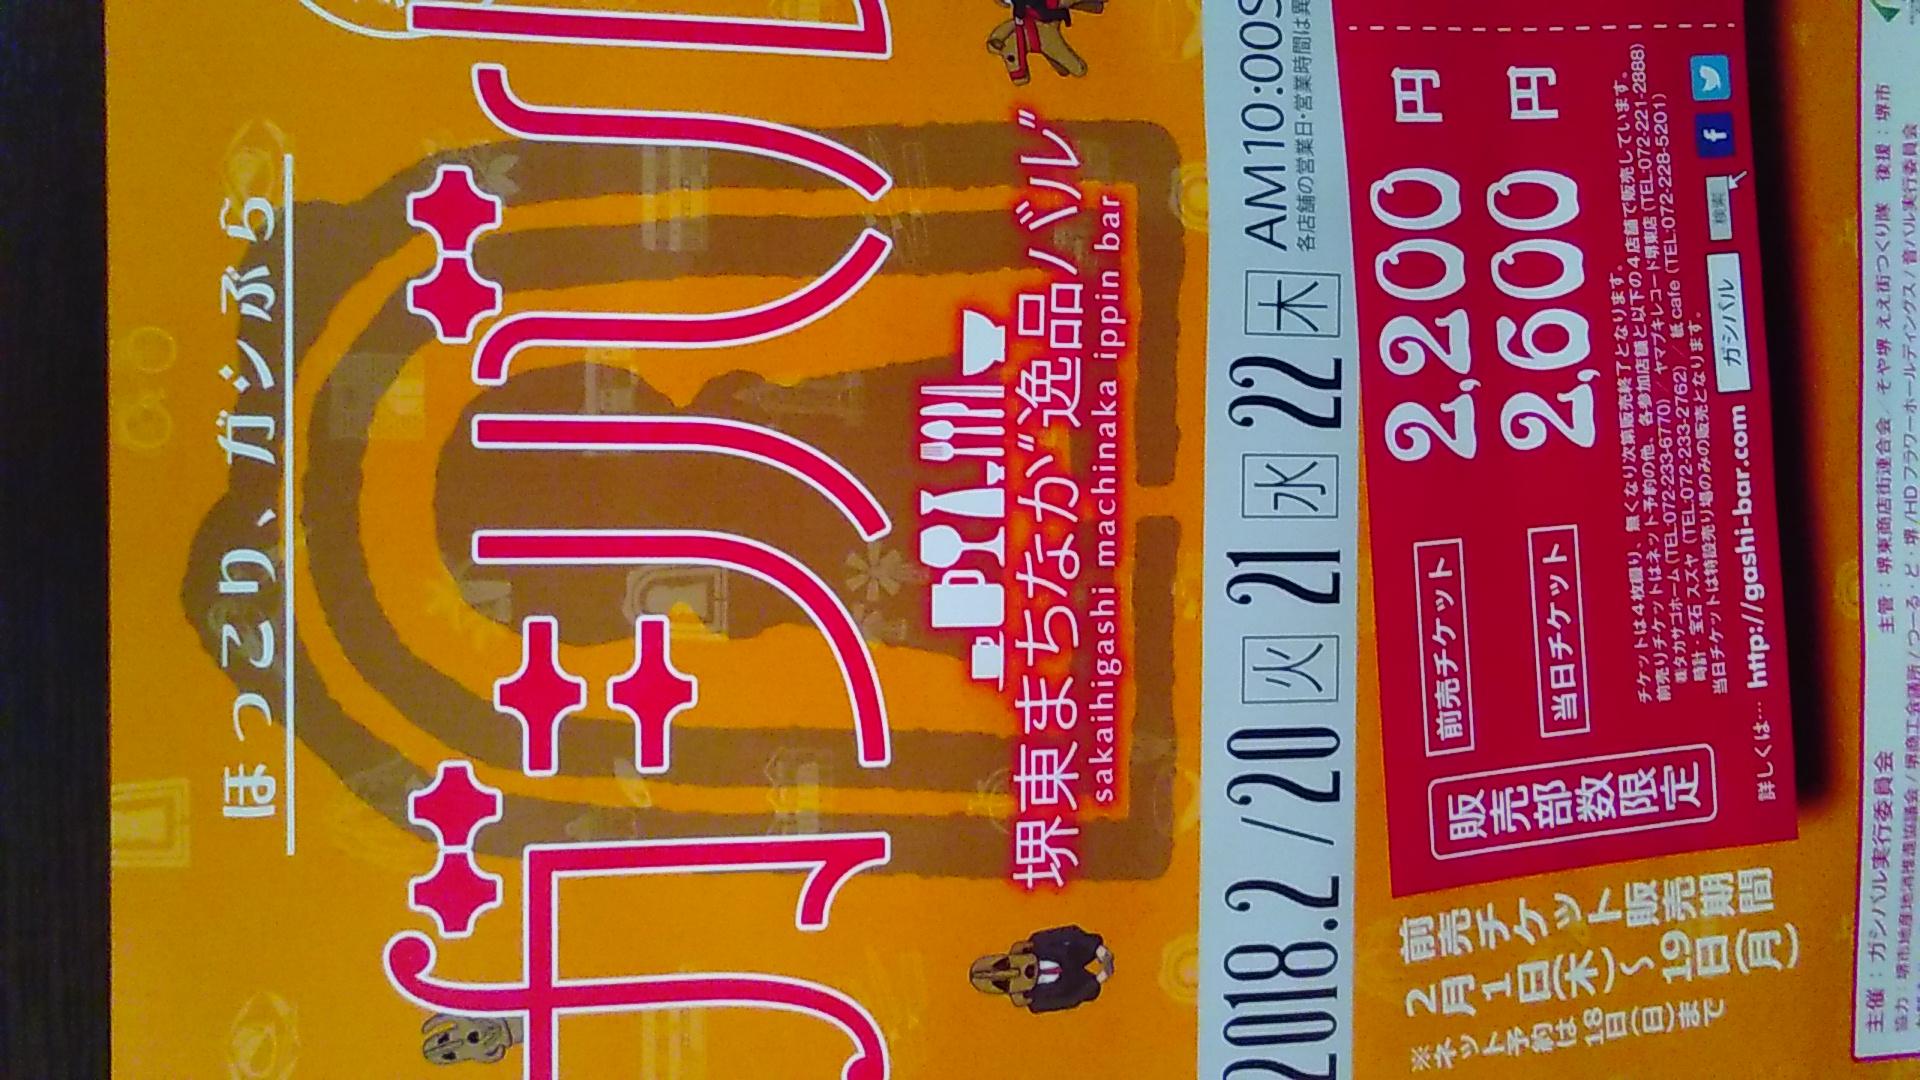 moblog_ac4396b3.jpg